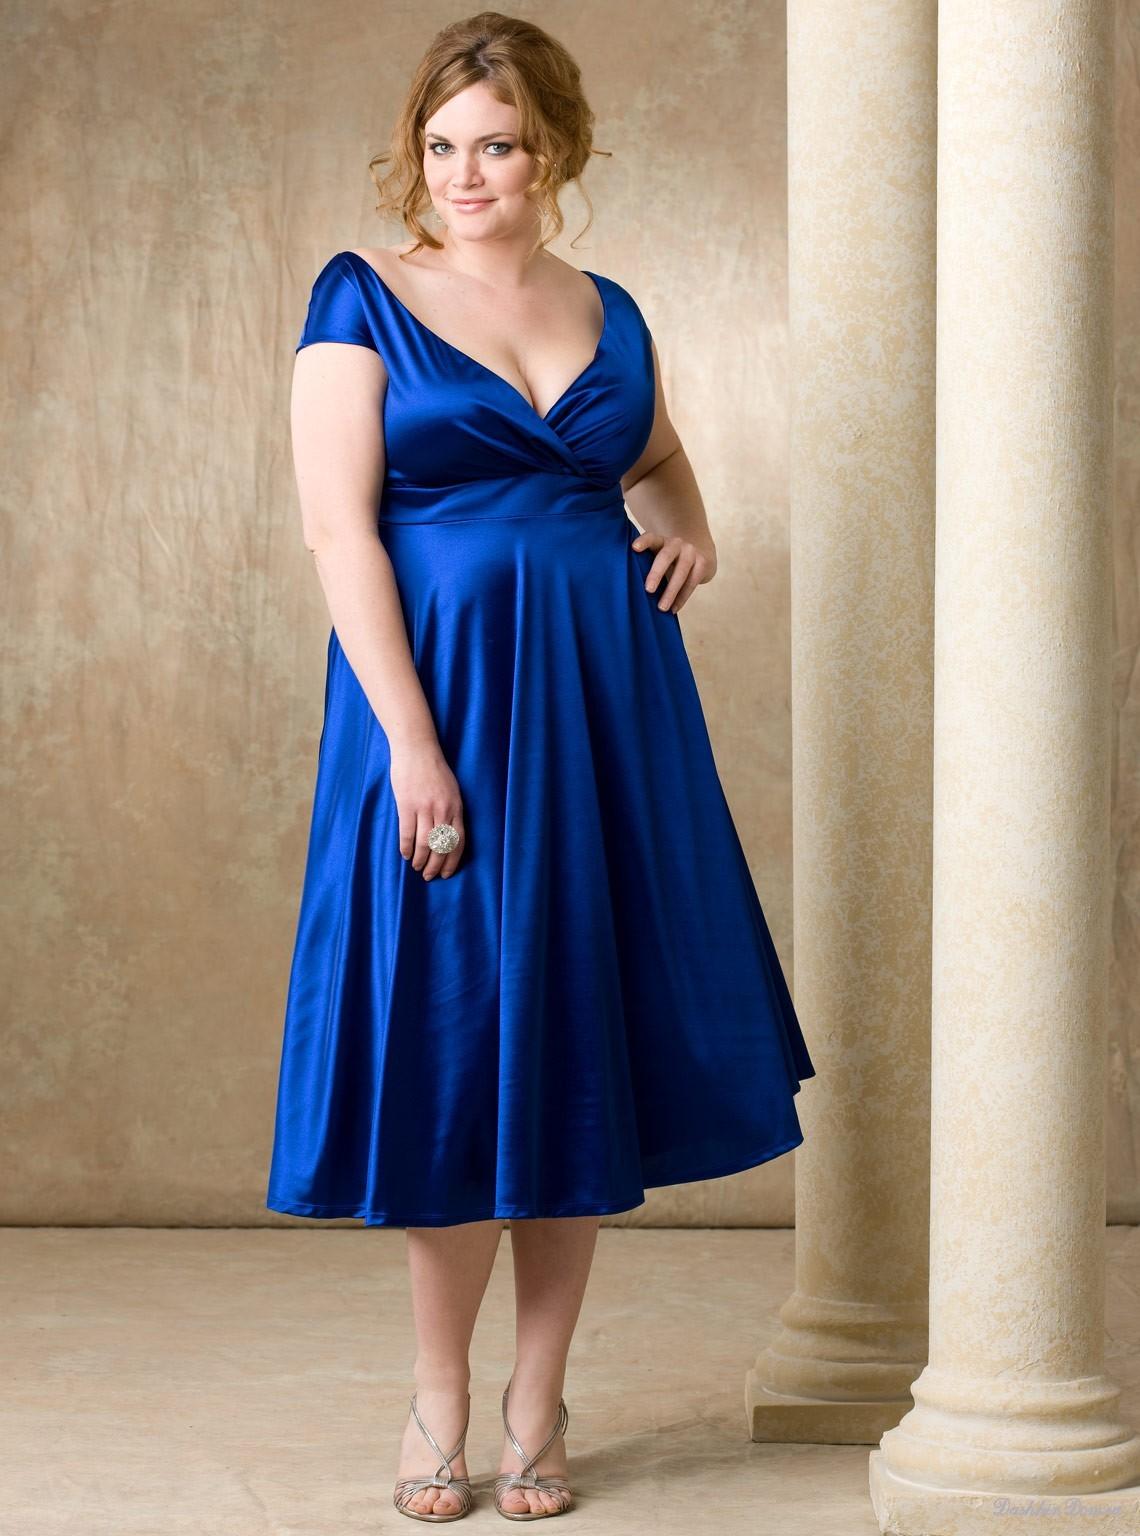 Вечерние платья для беременных полных женщин